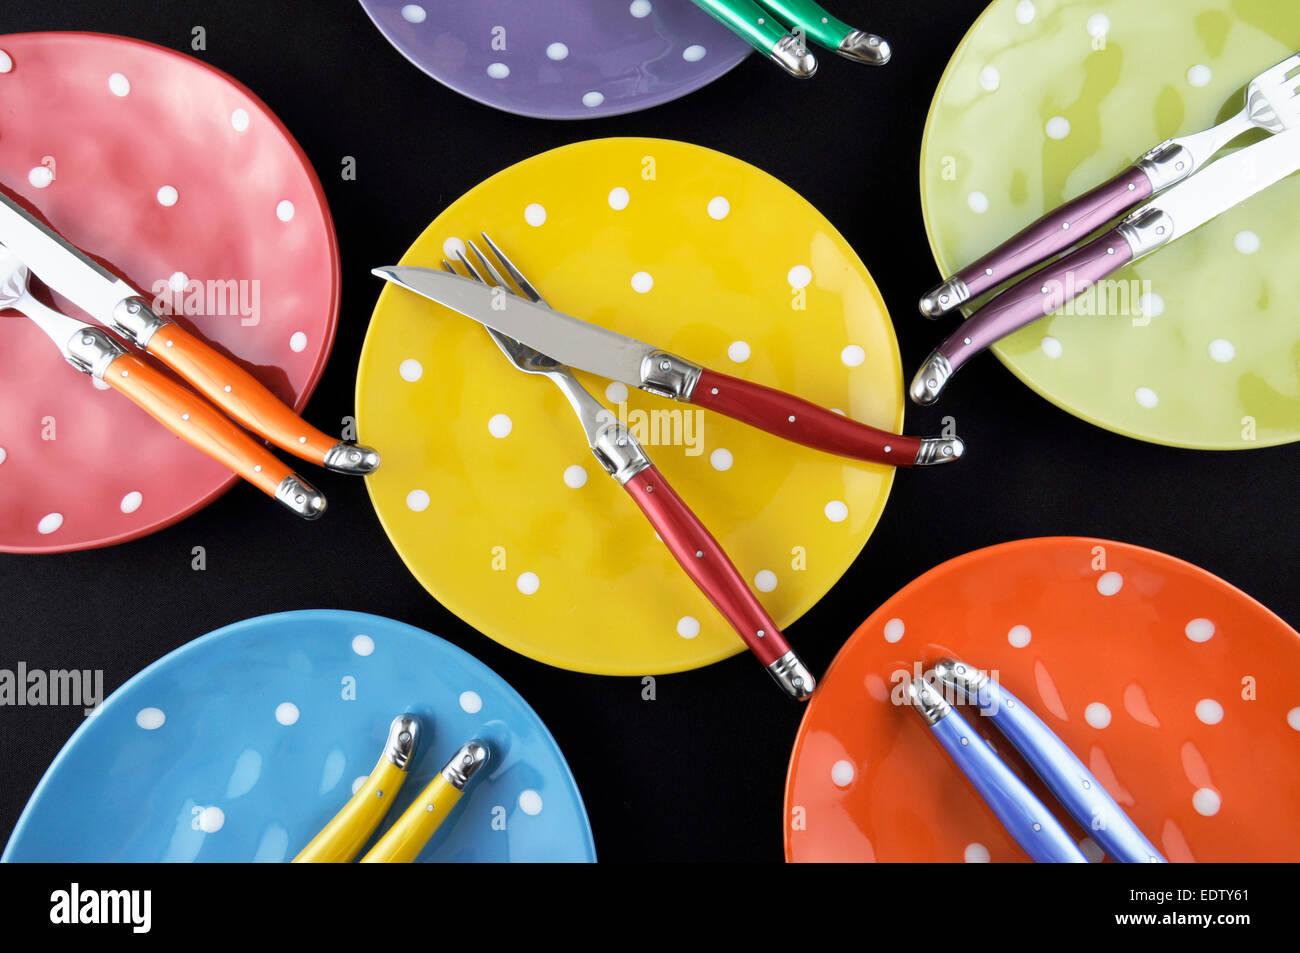 Abendessen Partei Tischdekoration Mit Rot Blau Gelb Orange Grun